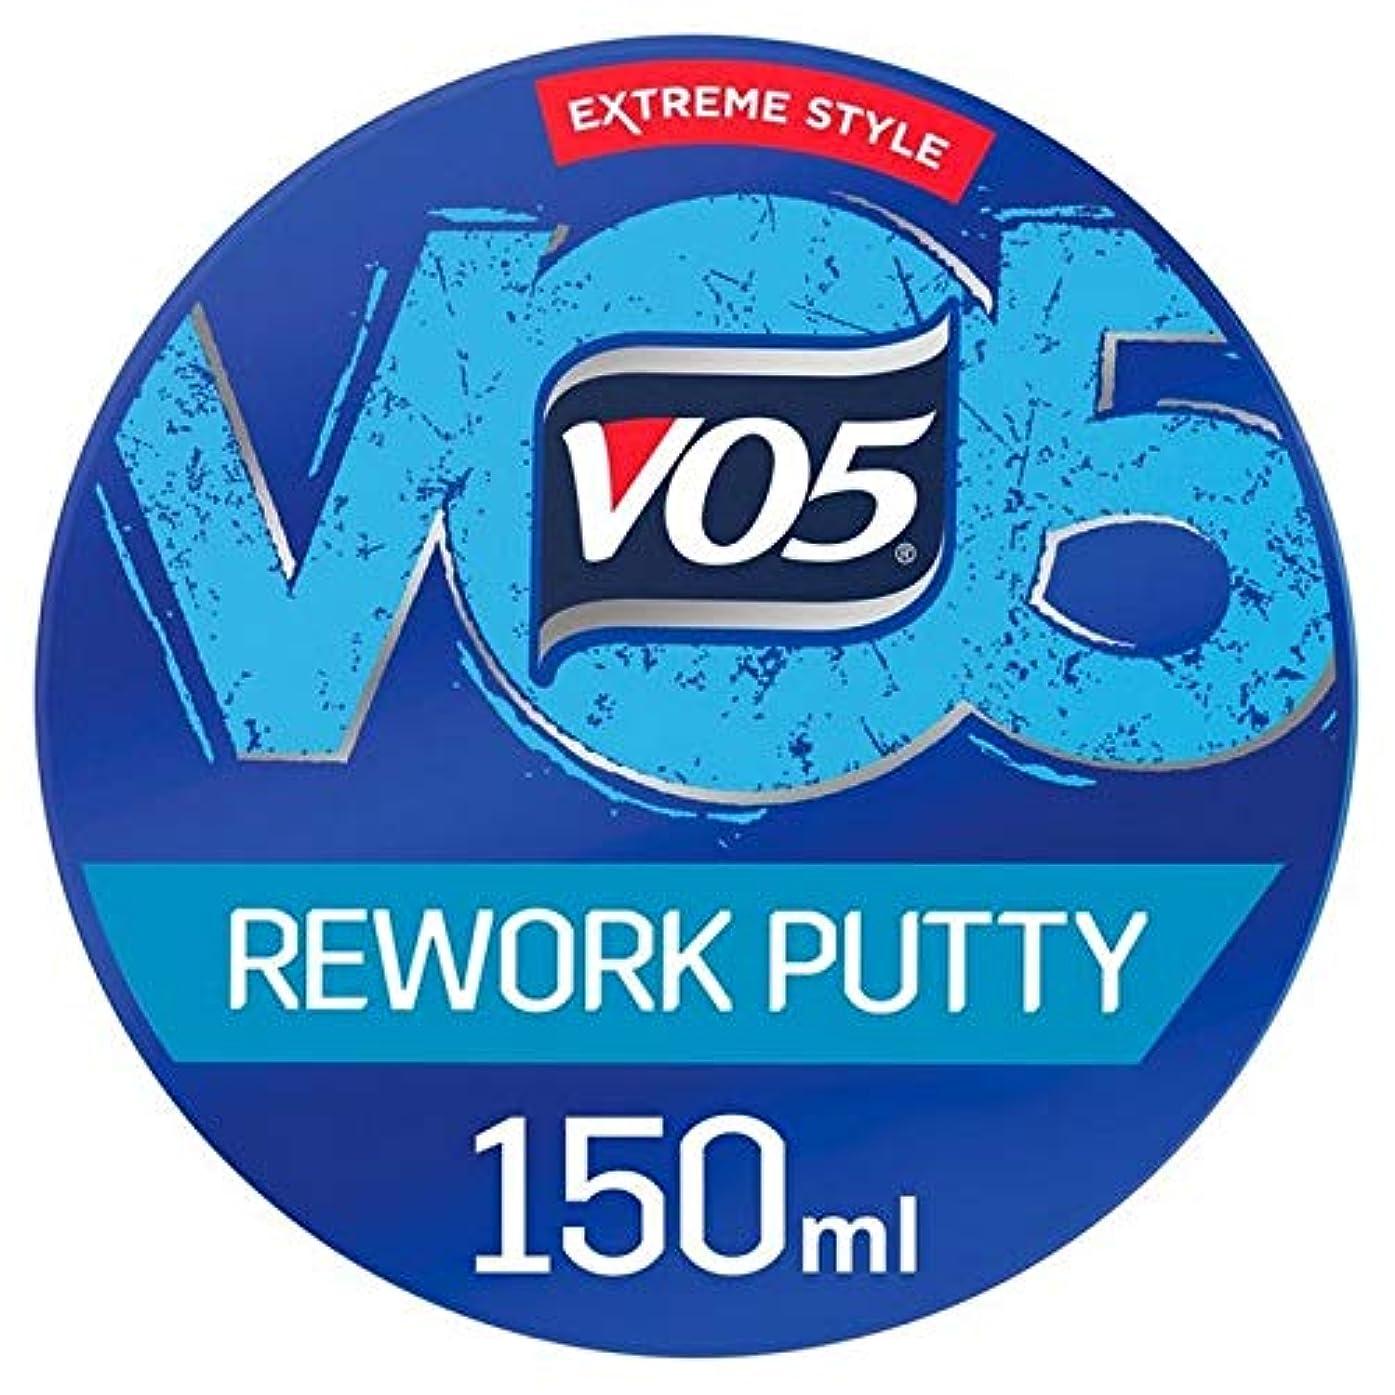 接続着陸前書き[VO5] Vo5極端なスタイルリワークパテ150ミリリットル - VO5 Extreme Style Rework Putty 150ml [並行輸入品]